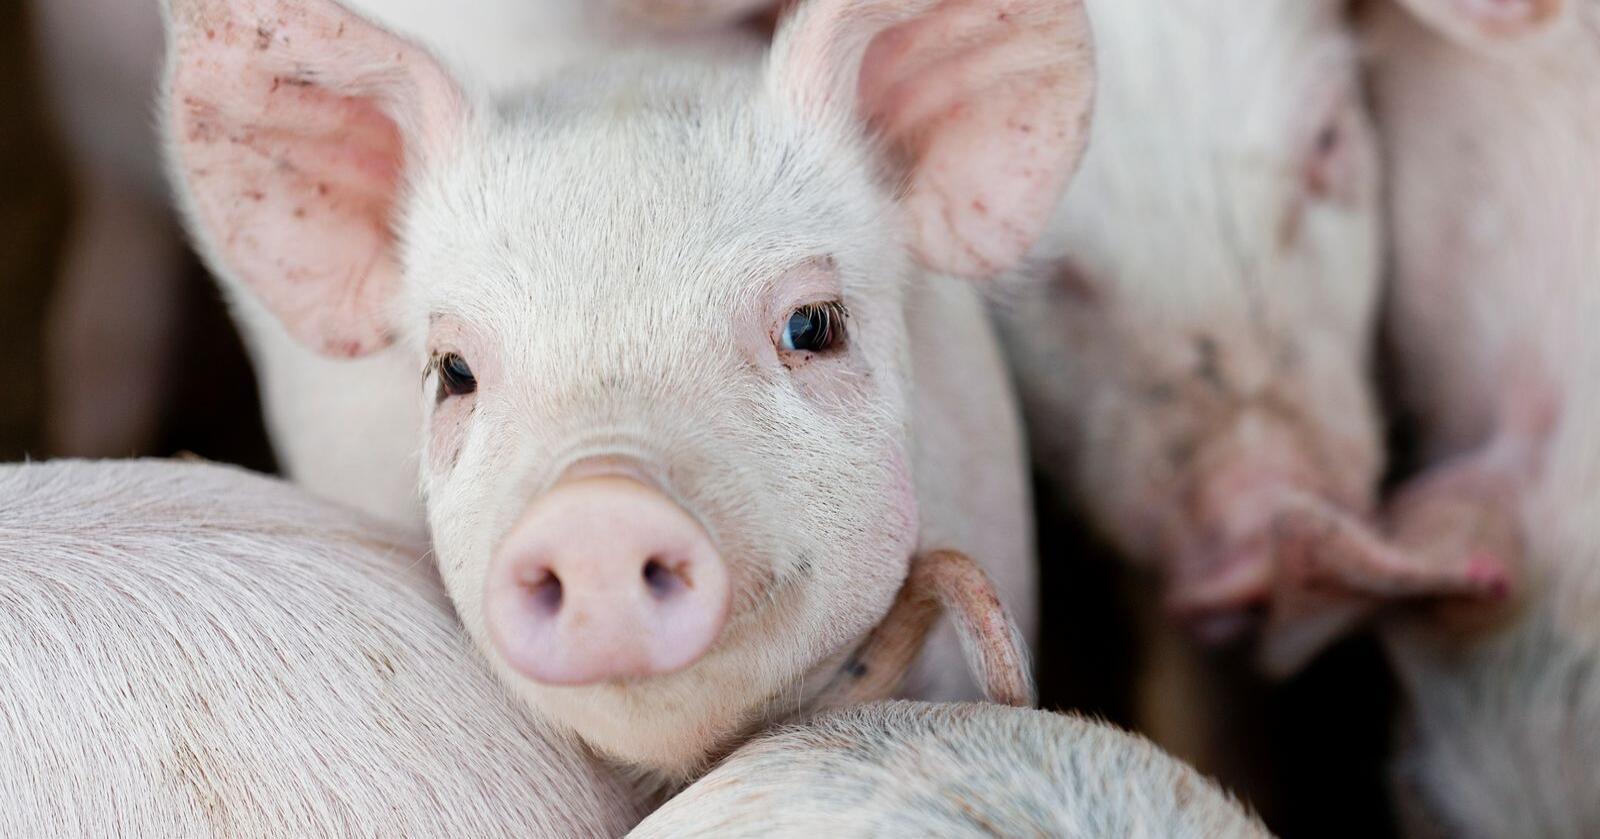 Så godt som alle griser som smittes med afrikansk svinepest, dør av sykdommen. Foto: Colourbox